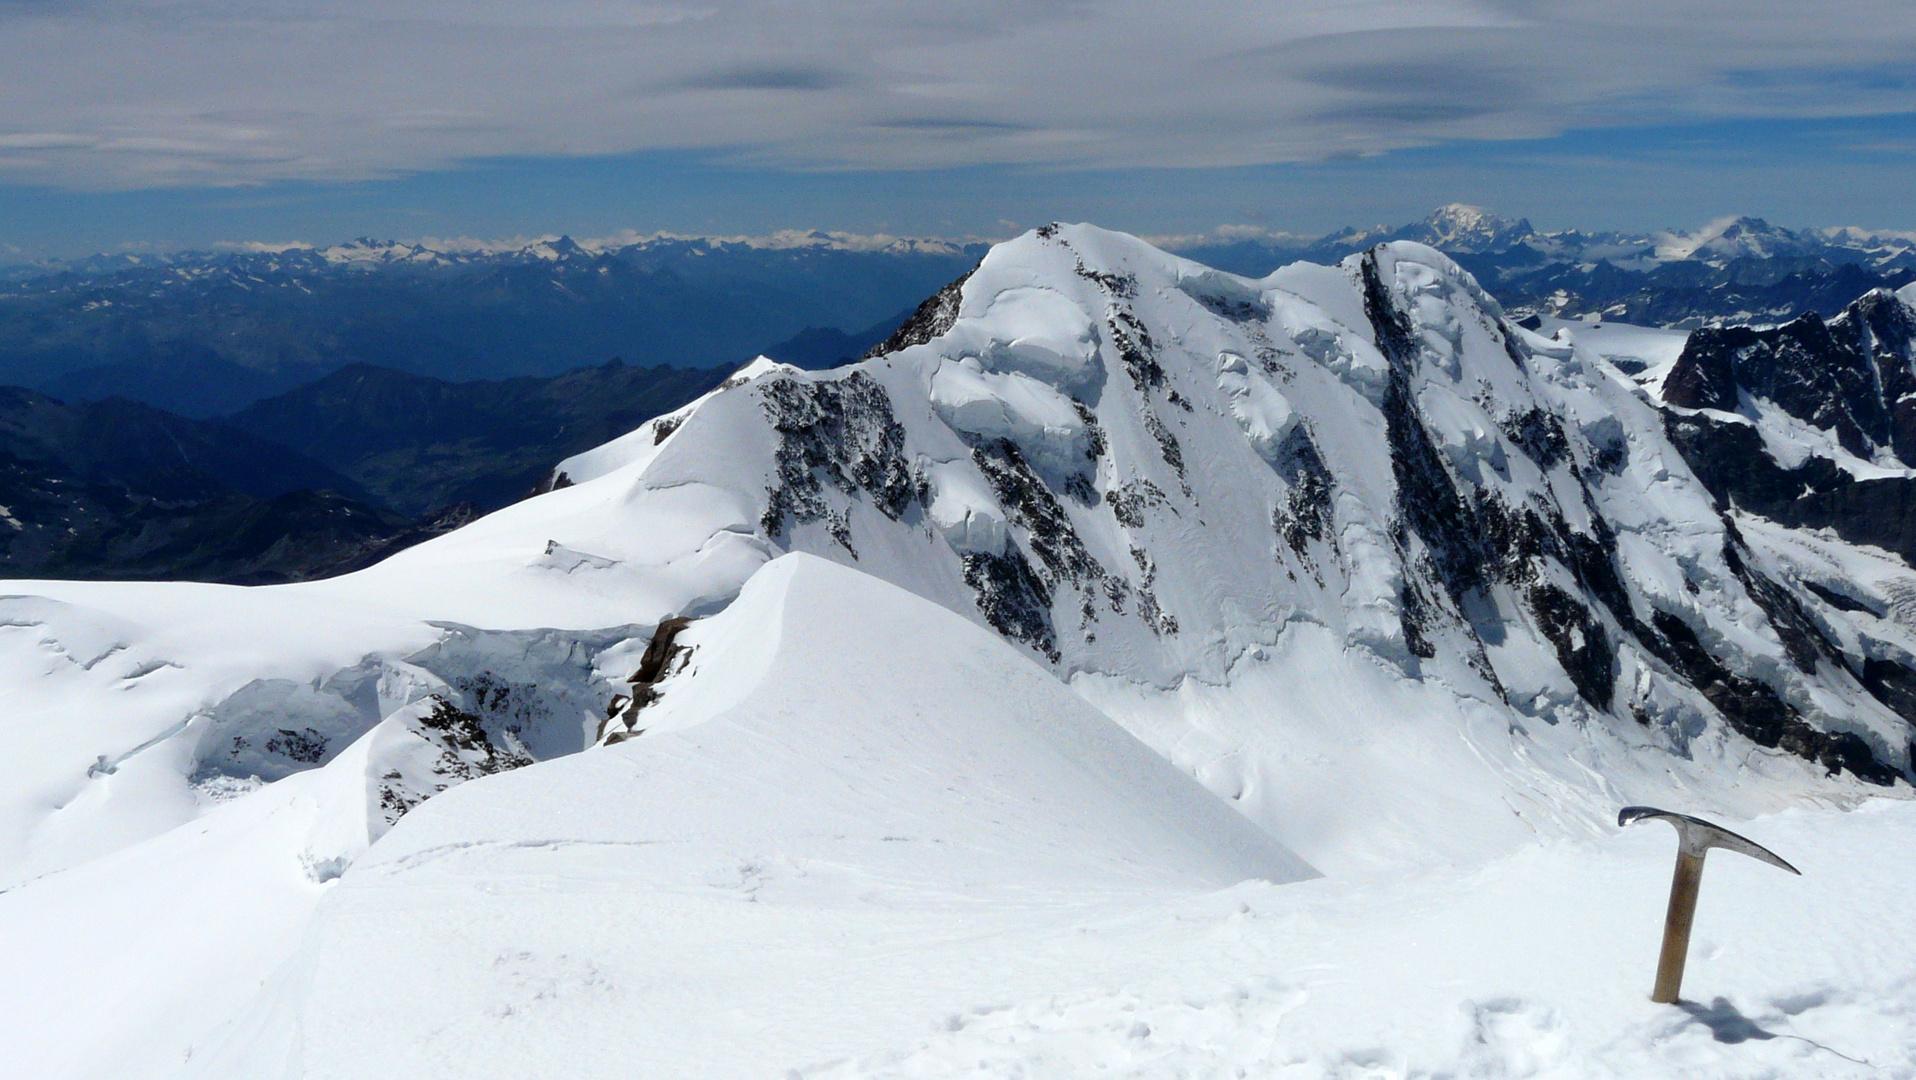 Auf dem Gipfel der Zumsteinspitze